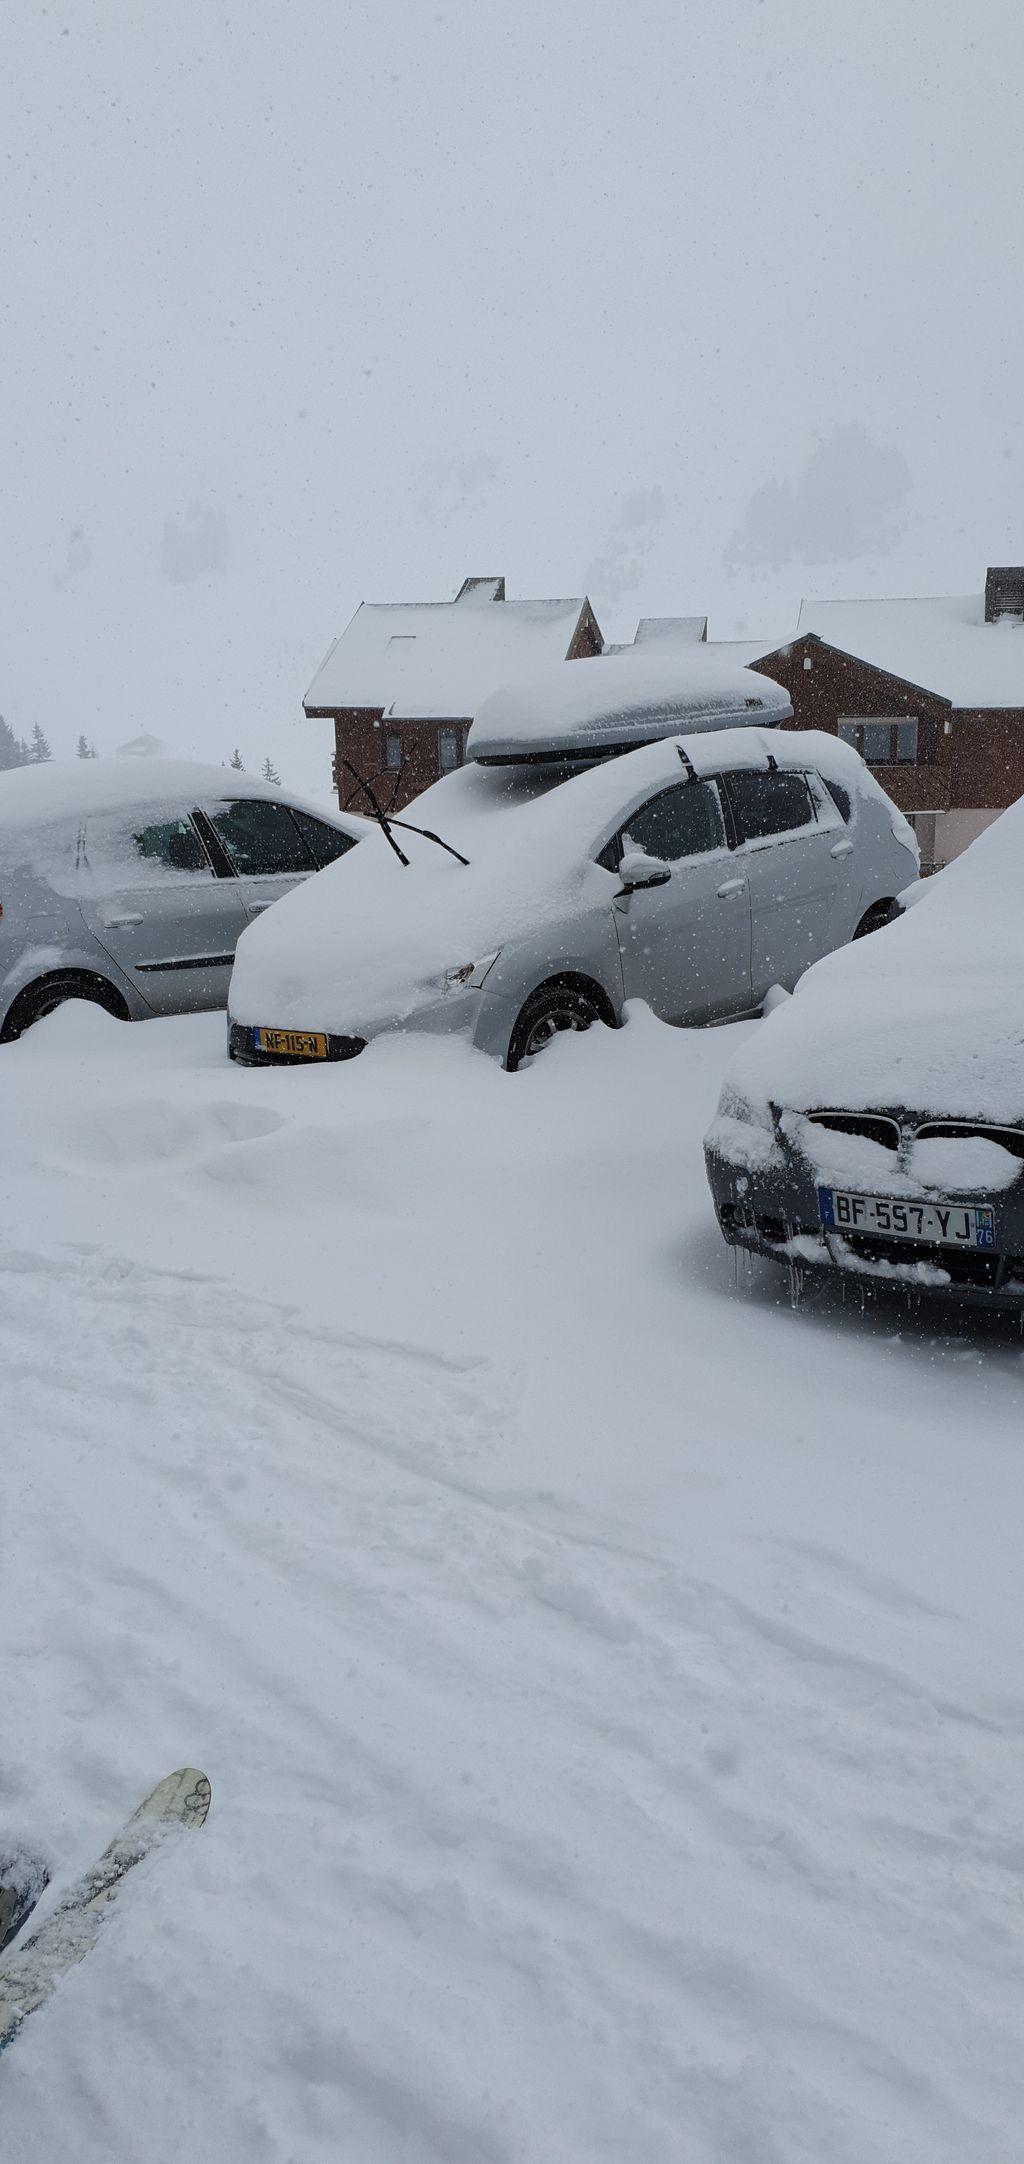 https://cdn.wintersport.nl/forum/26/b3419de4c553c104d0ccd6b6...